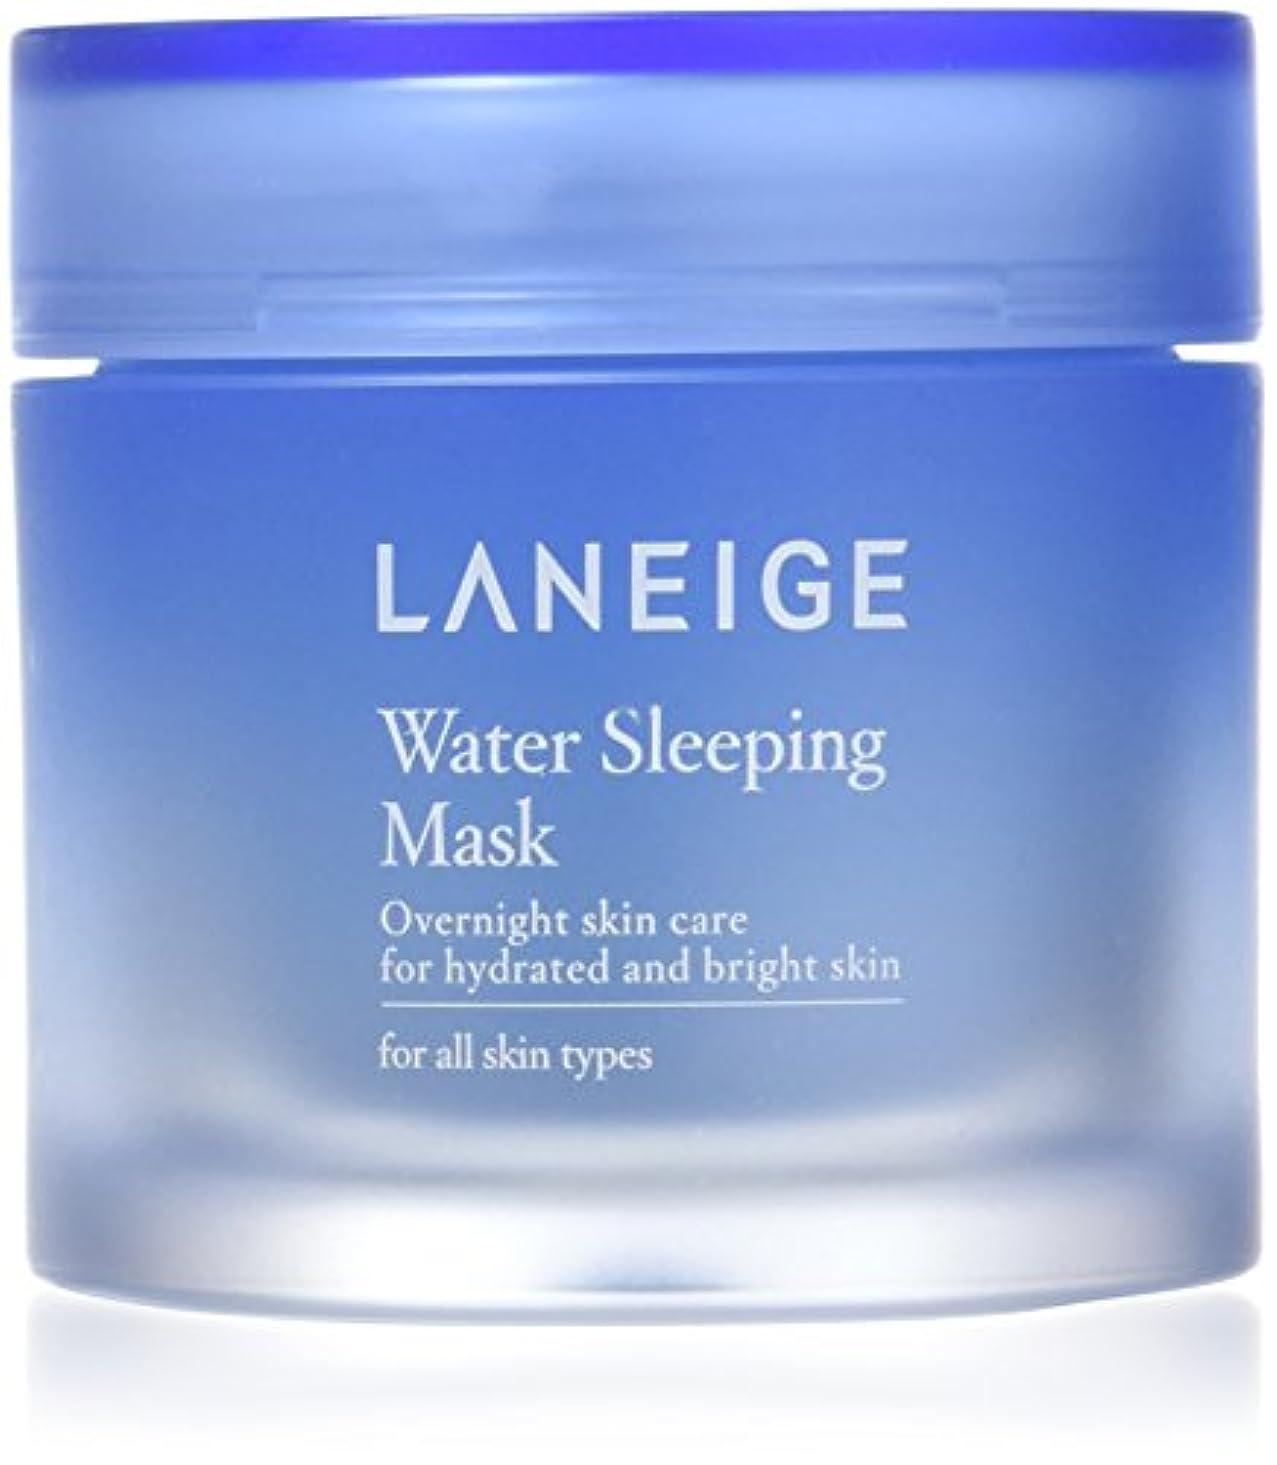 ルビー引退した限りなくLANEIGE/ラネージュ ウォータースリーピング マスク 70ml/Laneige Water Sleeping Mask 70ml [海外直送品]